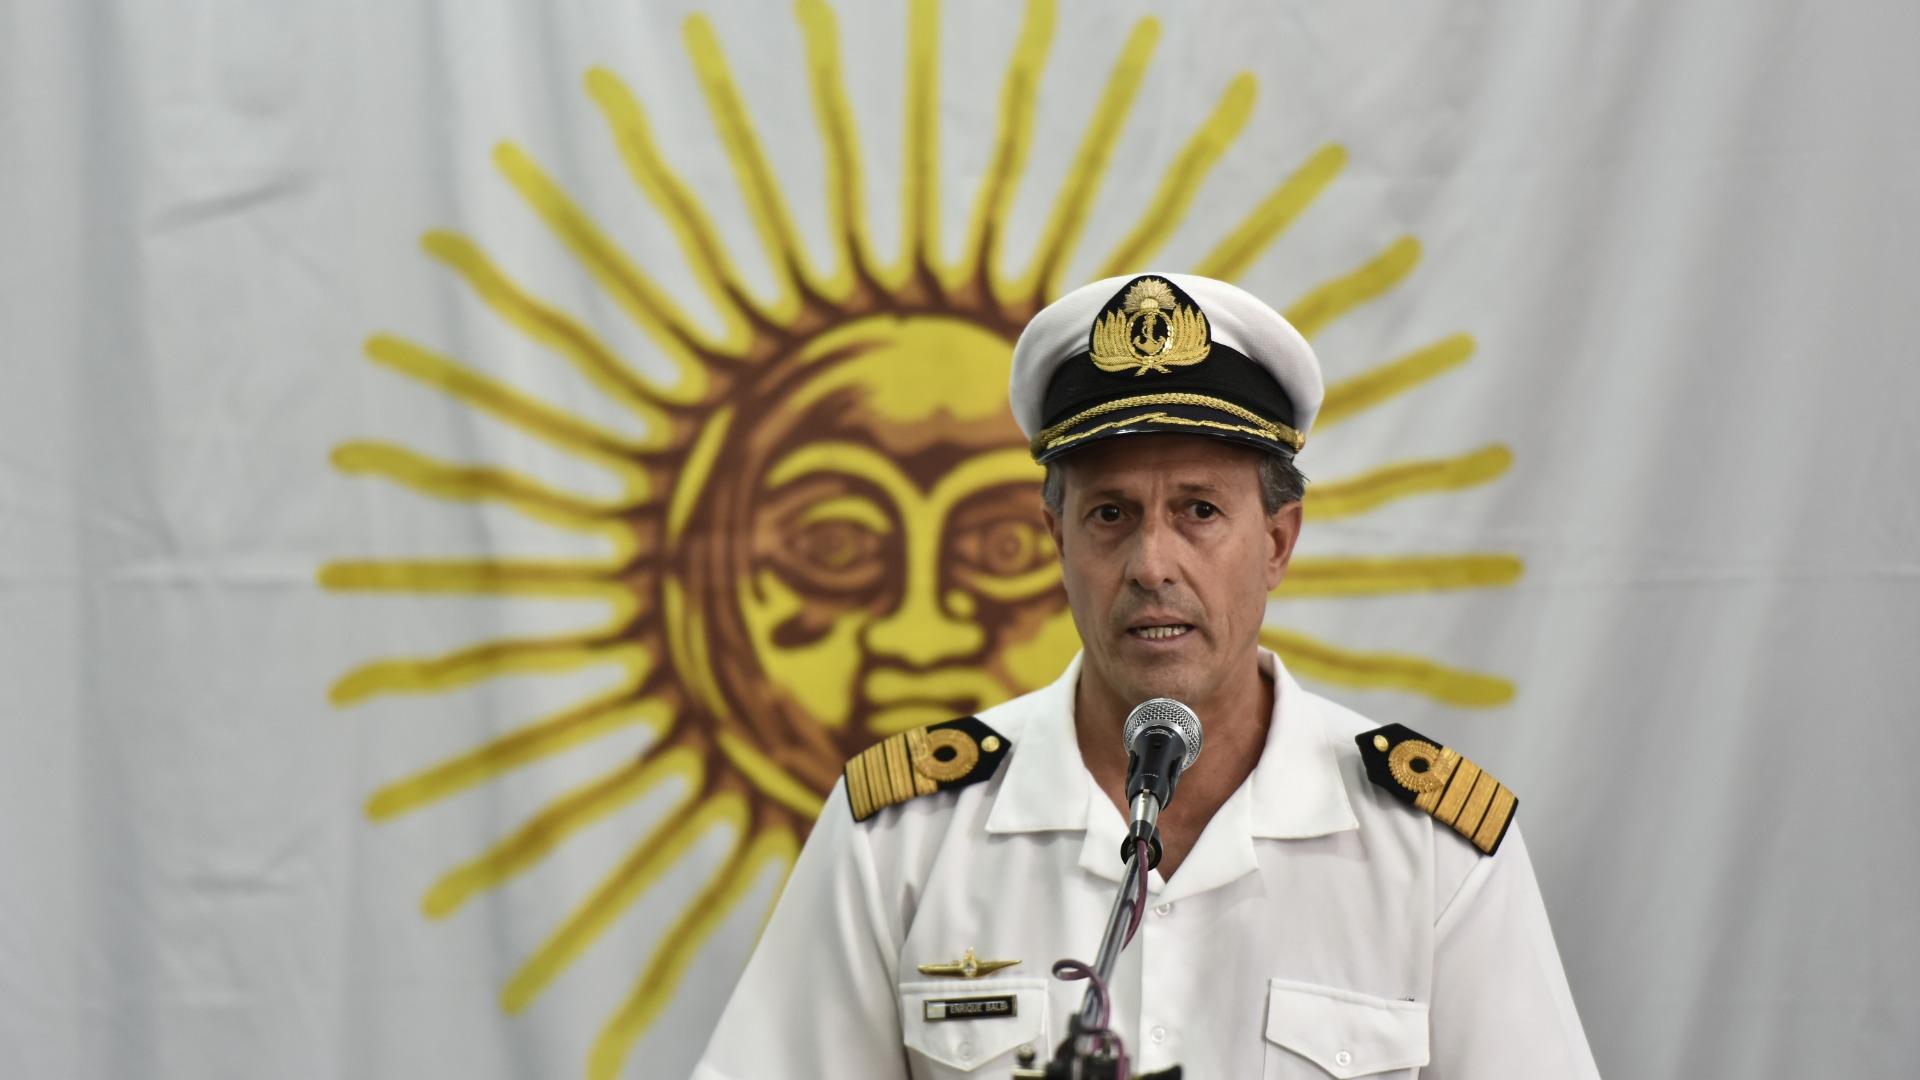 El vocero de la Armada, Enrique Balbi. (Adrián Escandar)